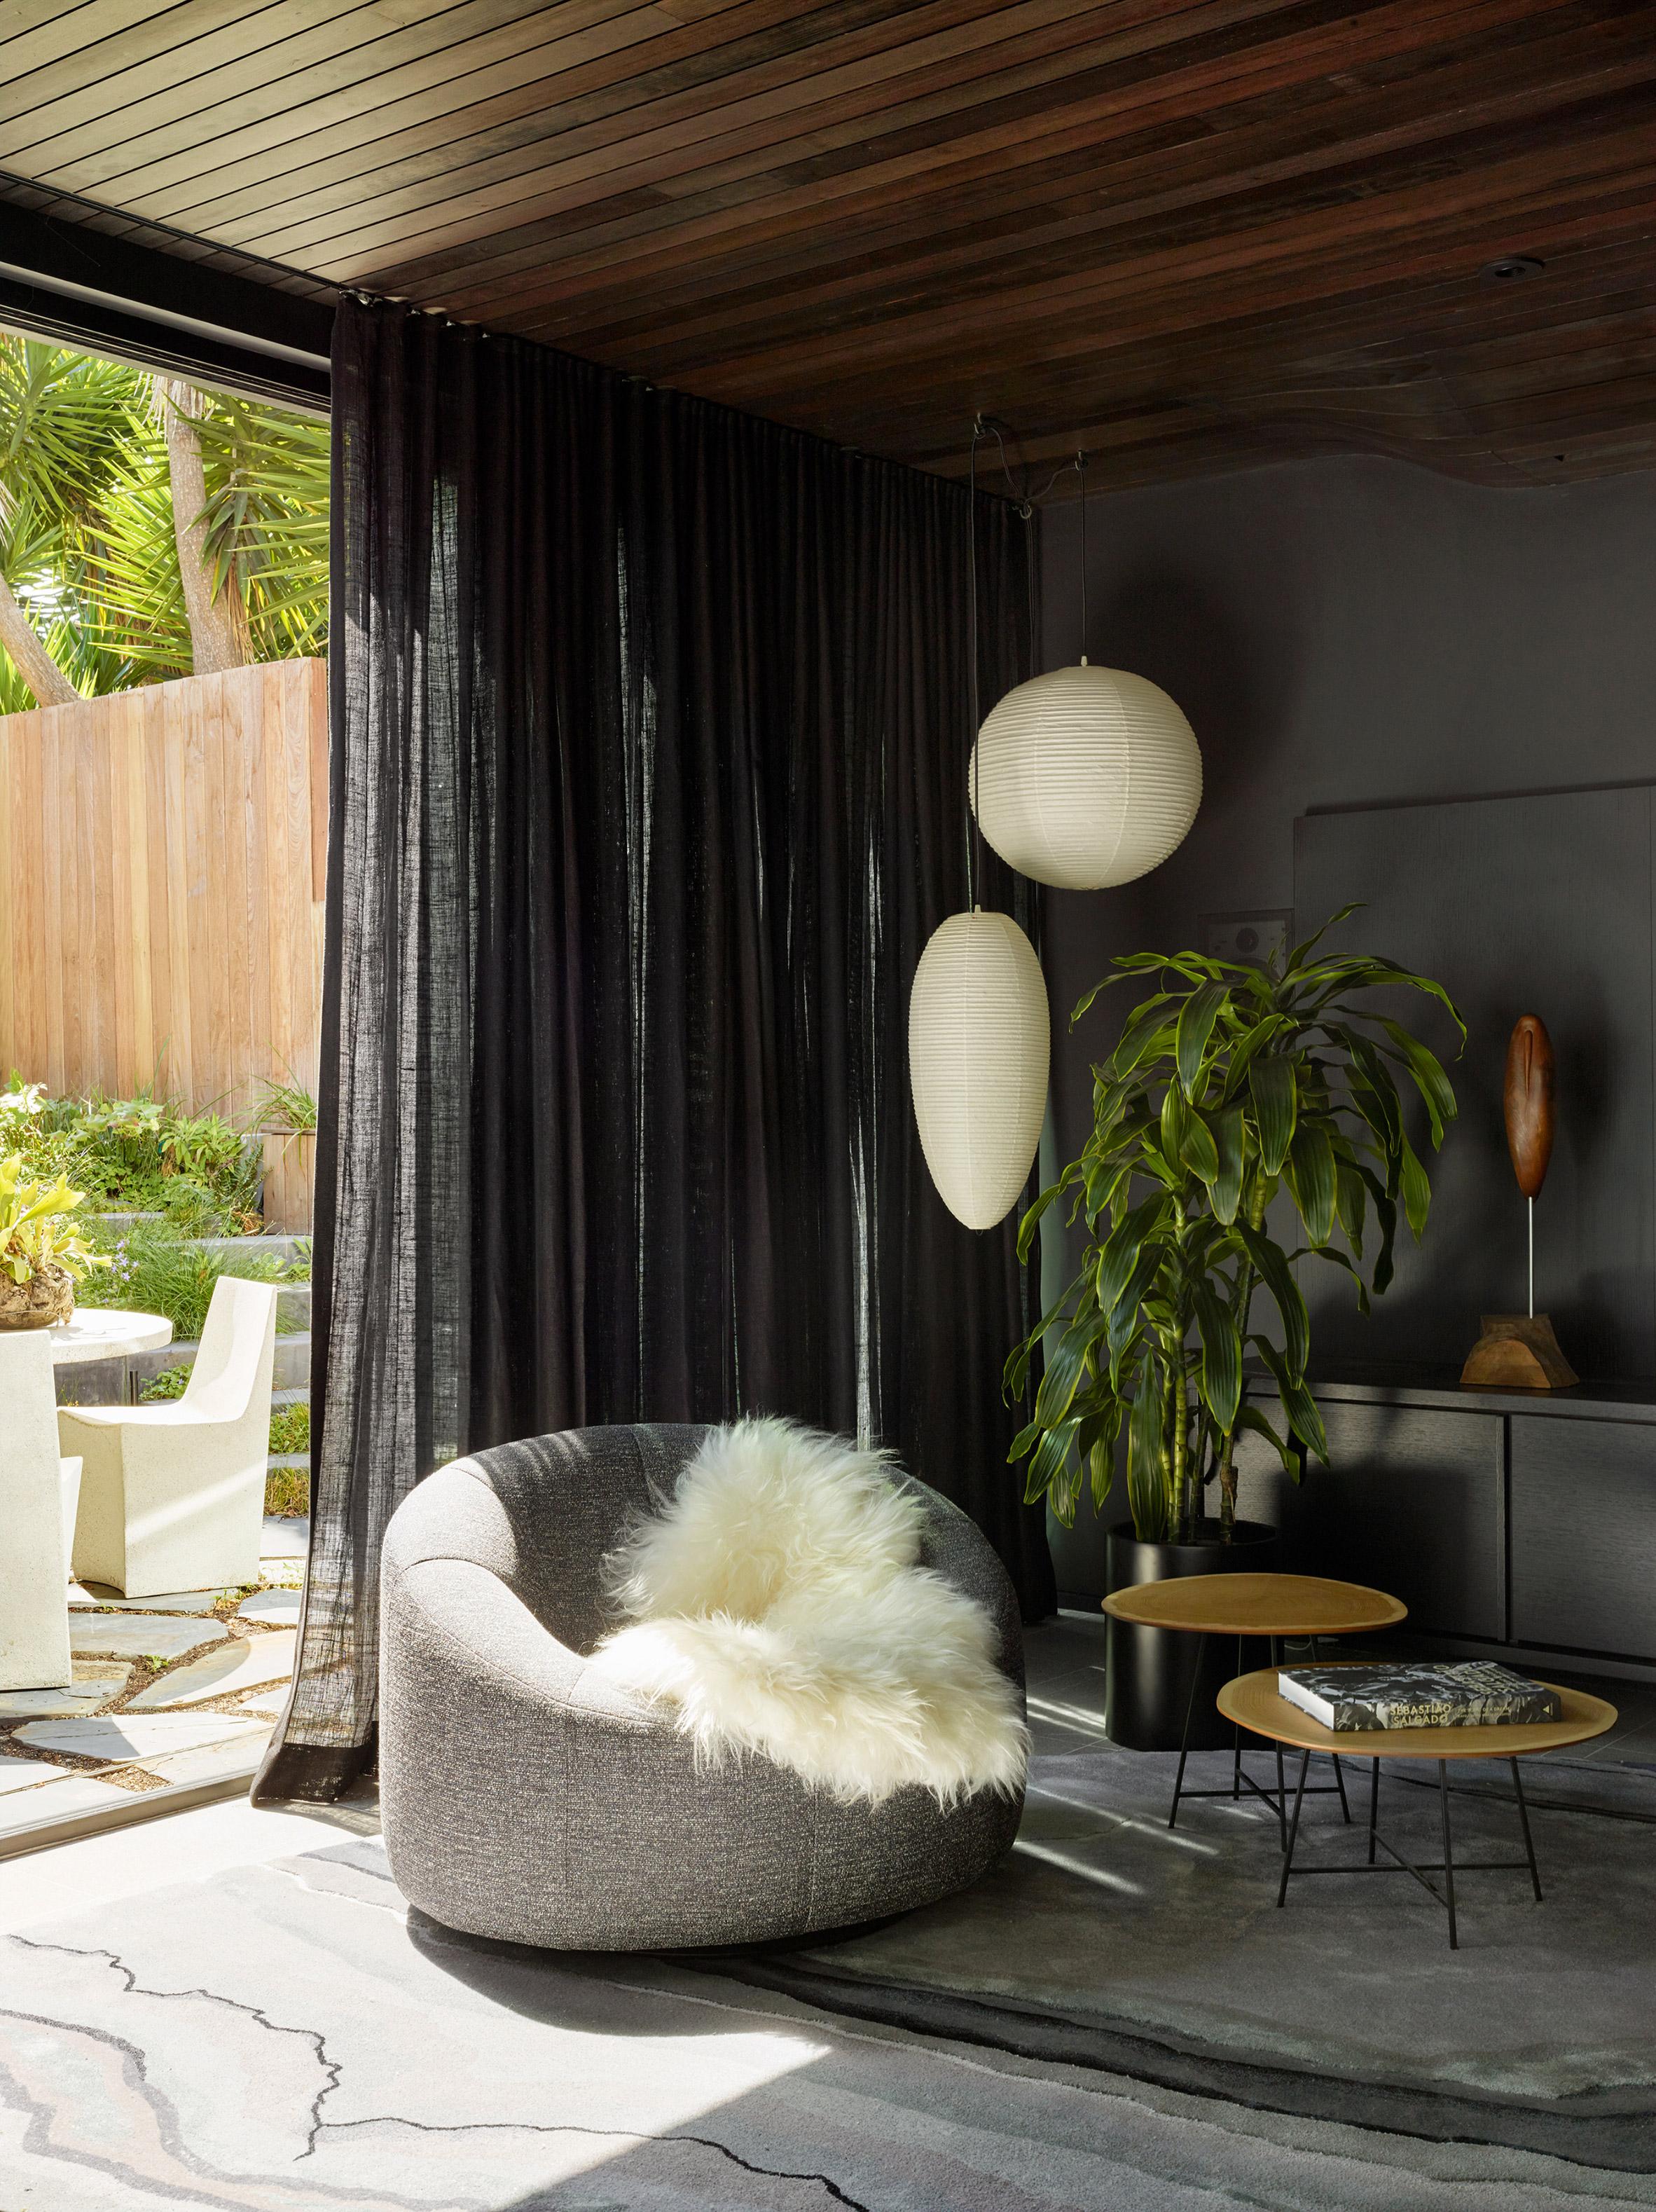 Jamie Bush Designed Dynamic Artful Corner